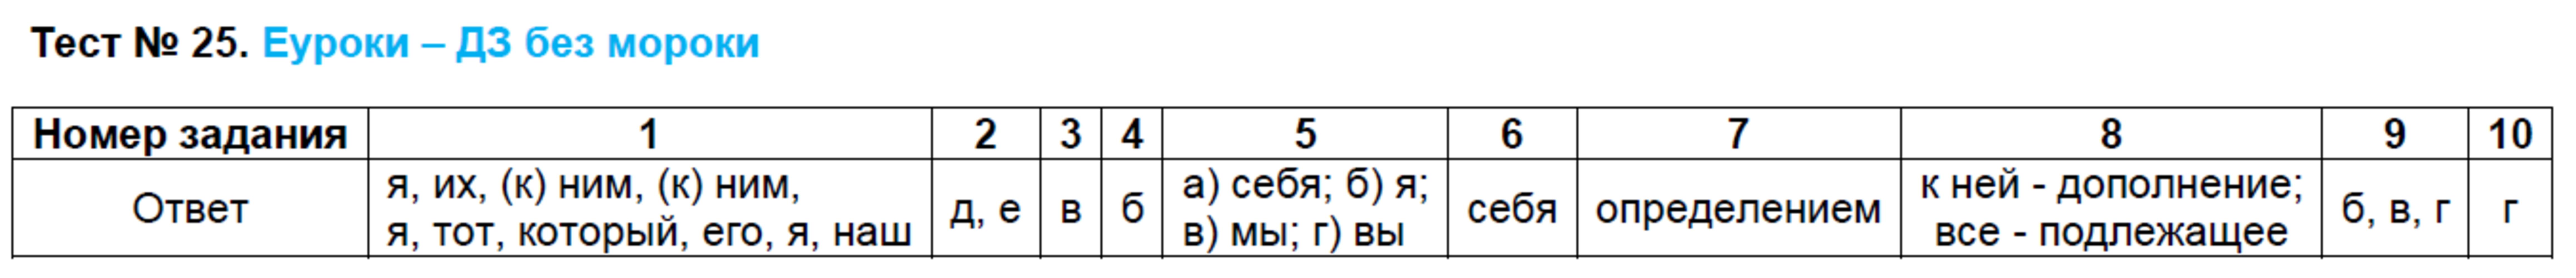 Решебник по русскому 6 класс тесты сергеева